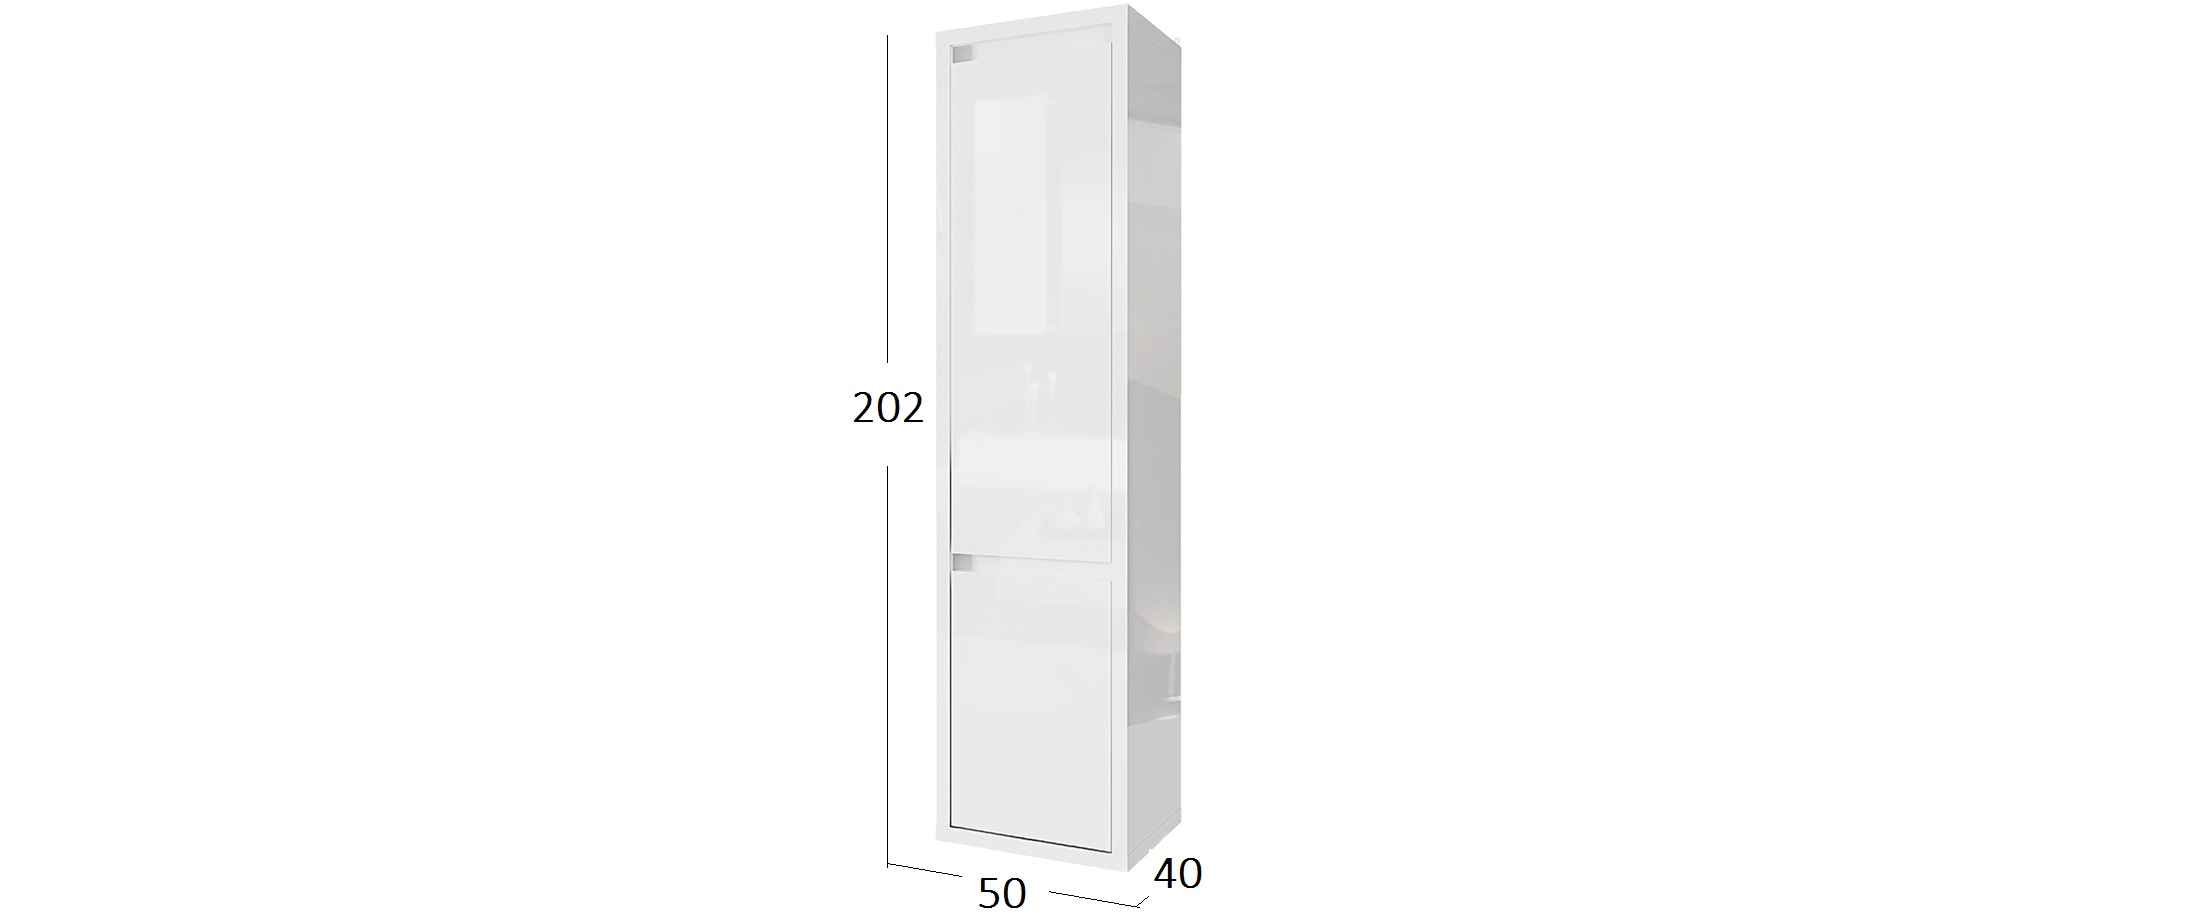 шкаф Норден глянец- купить в Санкт-Петербурге в интернет-магазине MOON TRADE Д001053